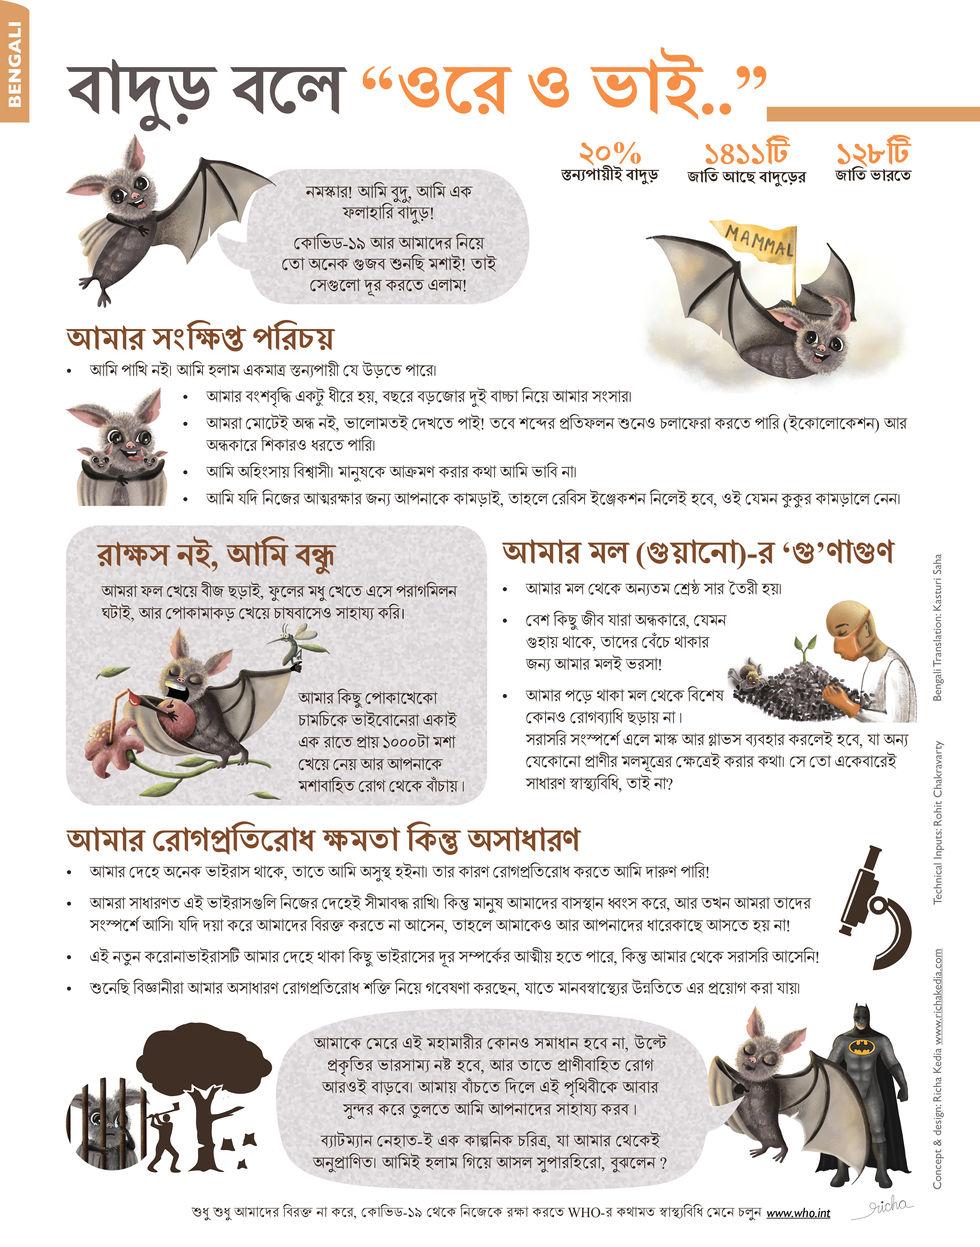 Bat Infographic Bengali.jpg